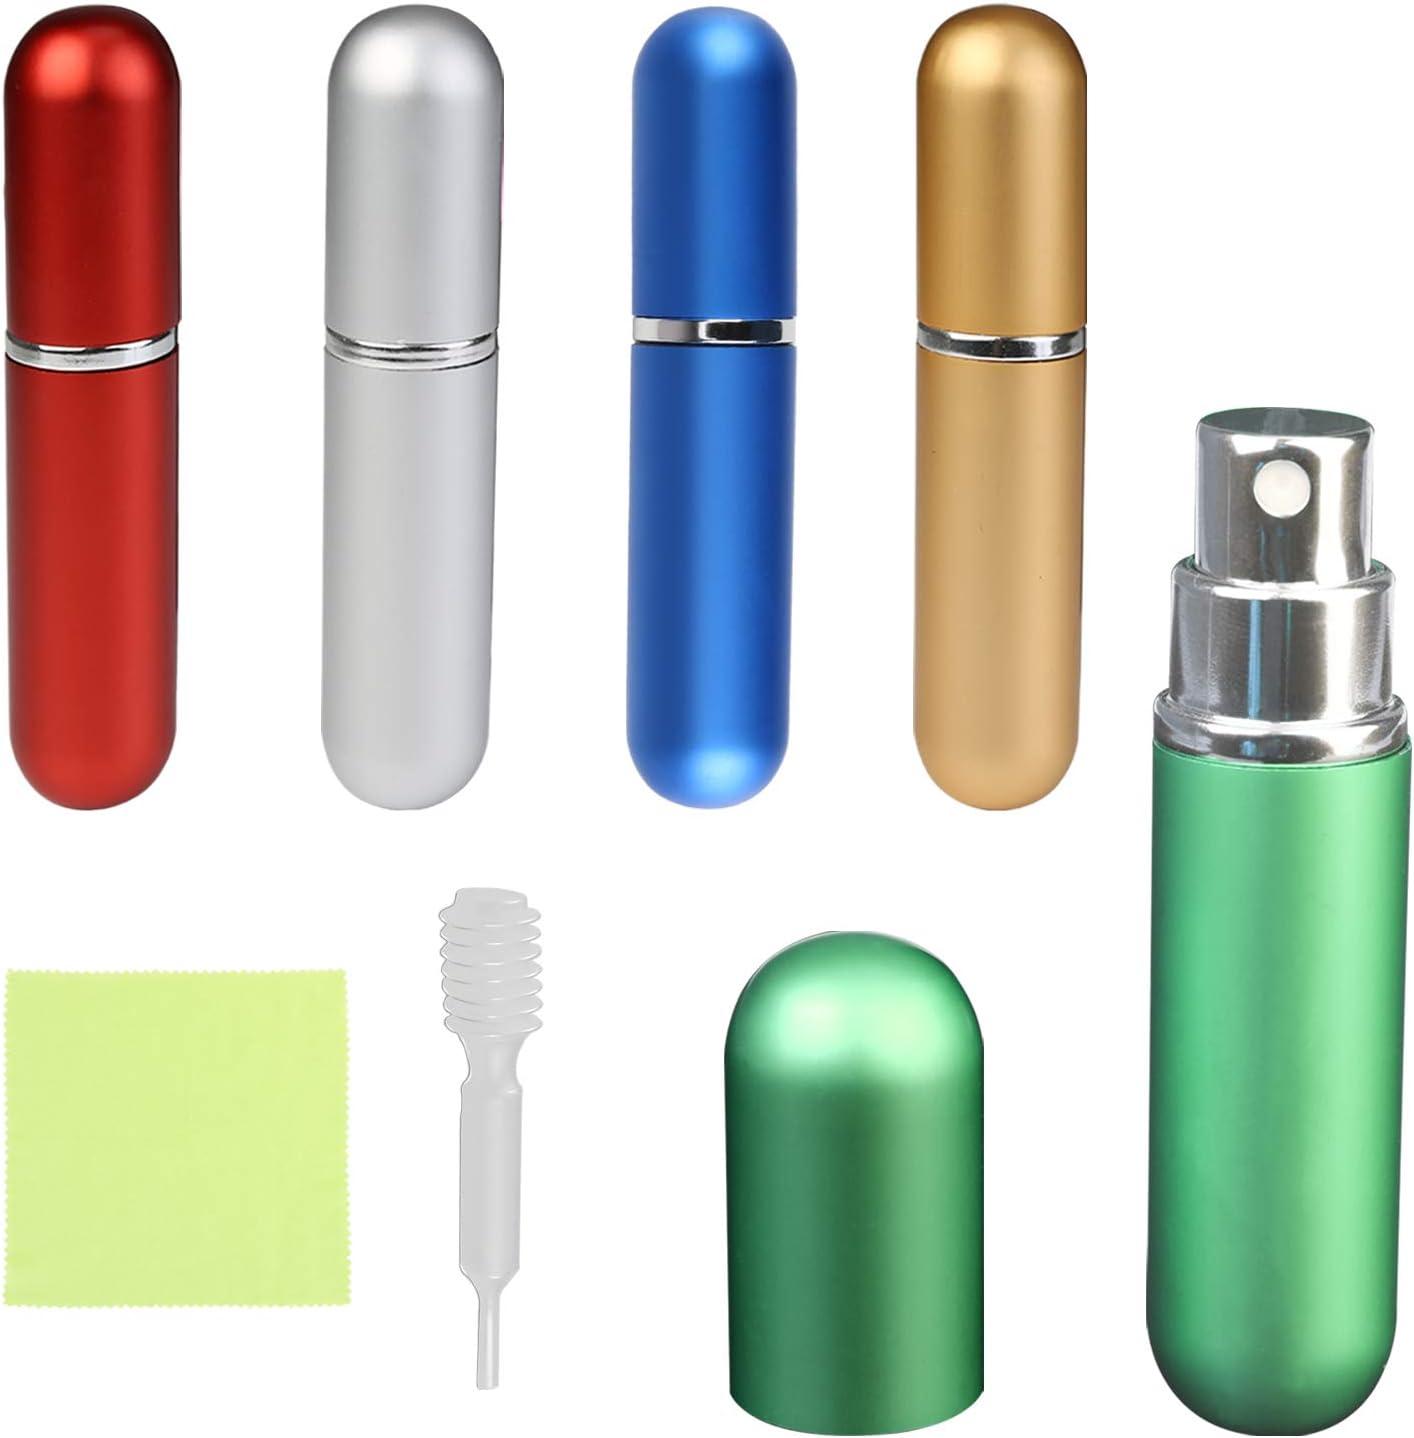 Botella Recargable de Perfume TAZEMAT 5 pcs Mini Atomizador de Perfume Portátil para Viaje Bolso Equipaje Frasco de Vaporizador Spray para Colonia con Pipeta Multicolor 5 ml Mujeres Hombres